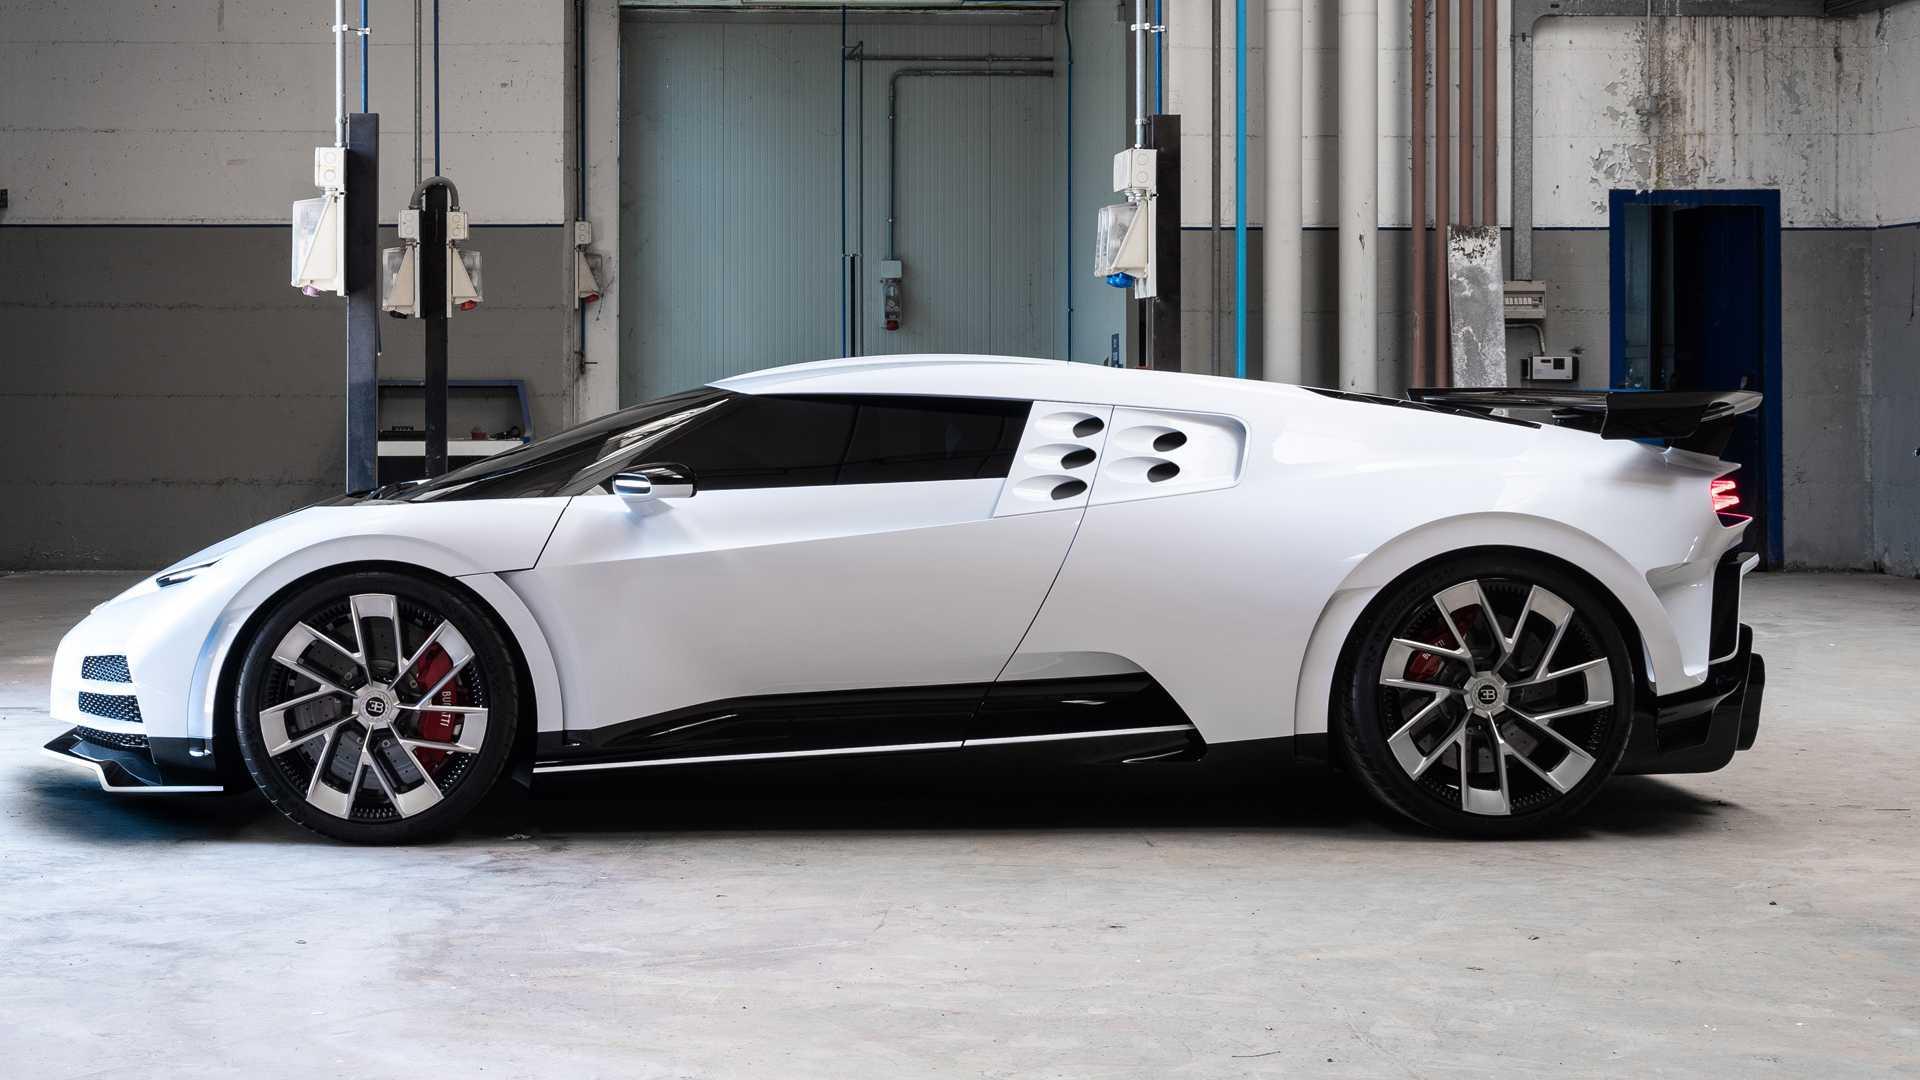 Кріштіану Роналду купив Bugatti Centodieci  - today.ua